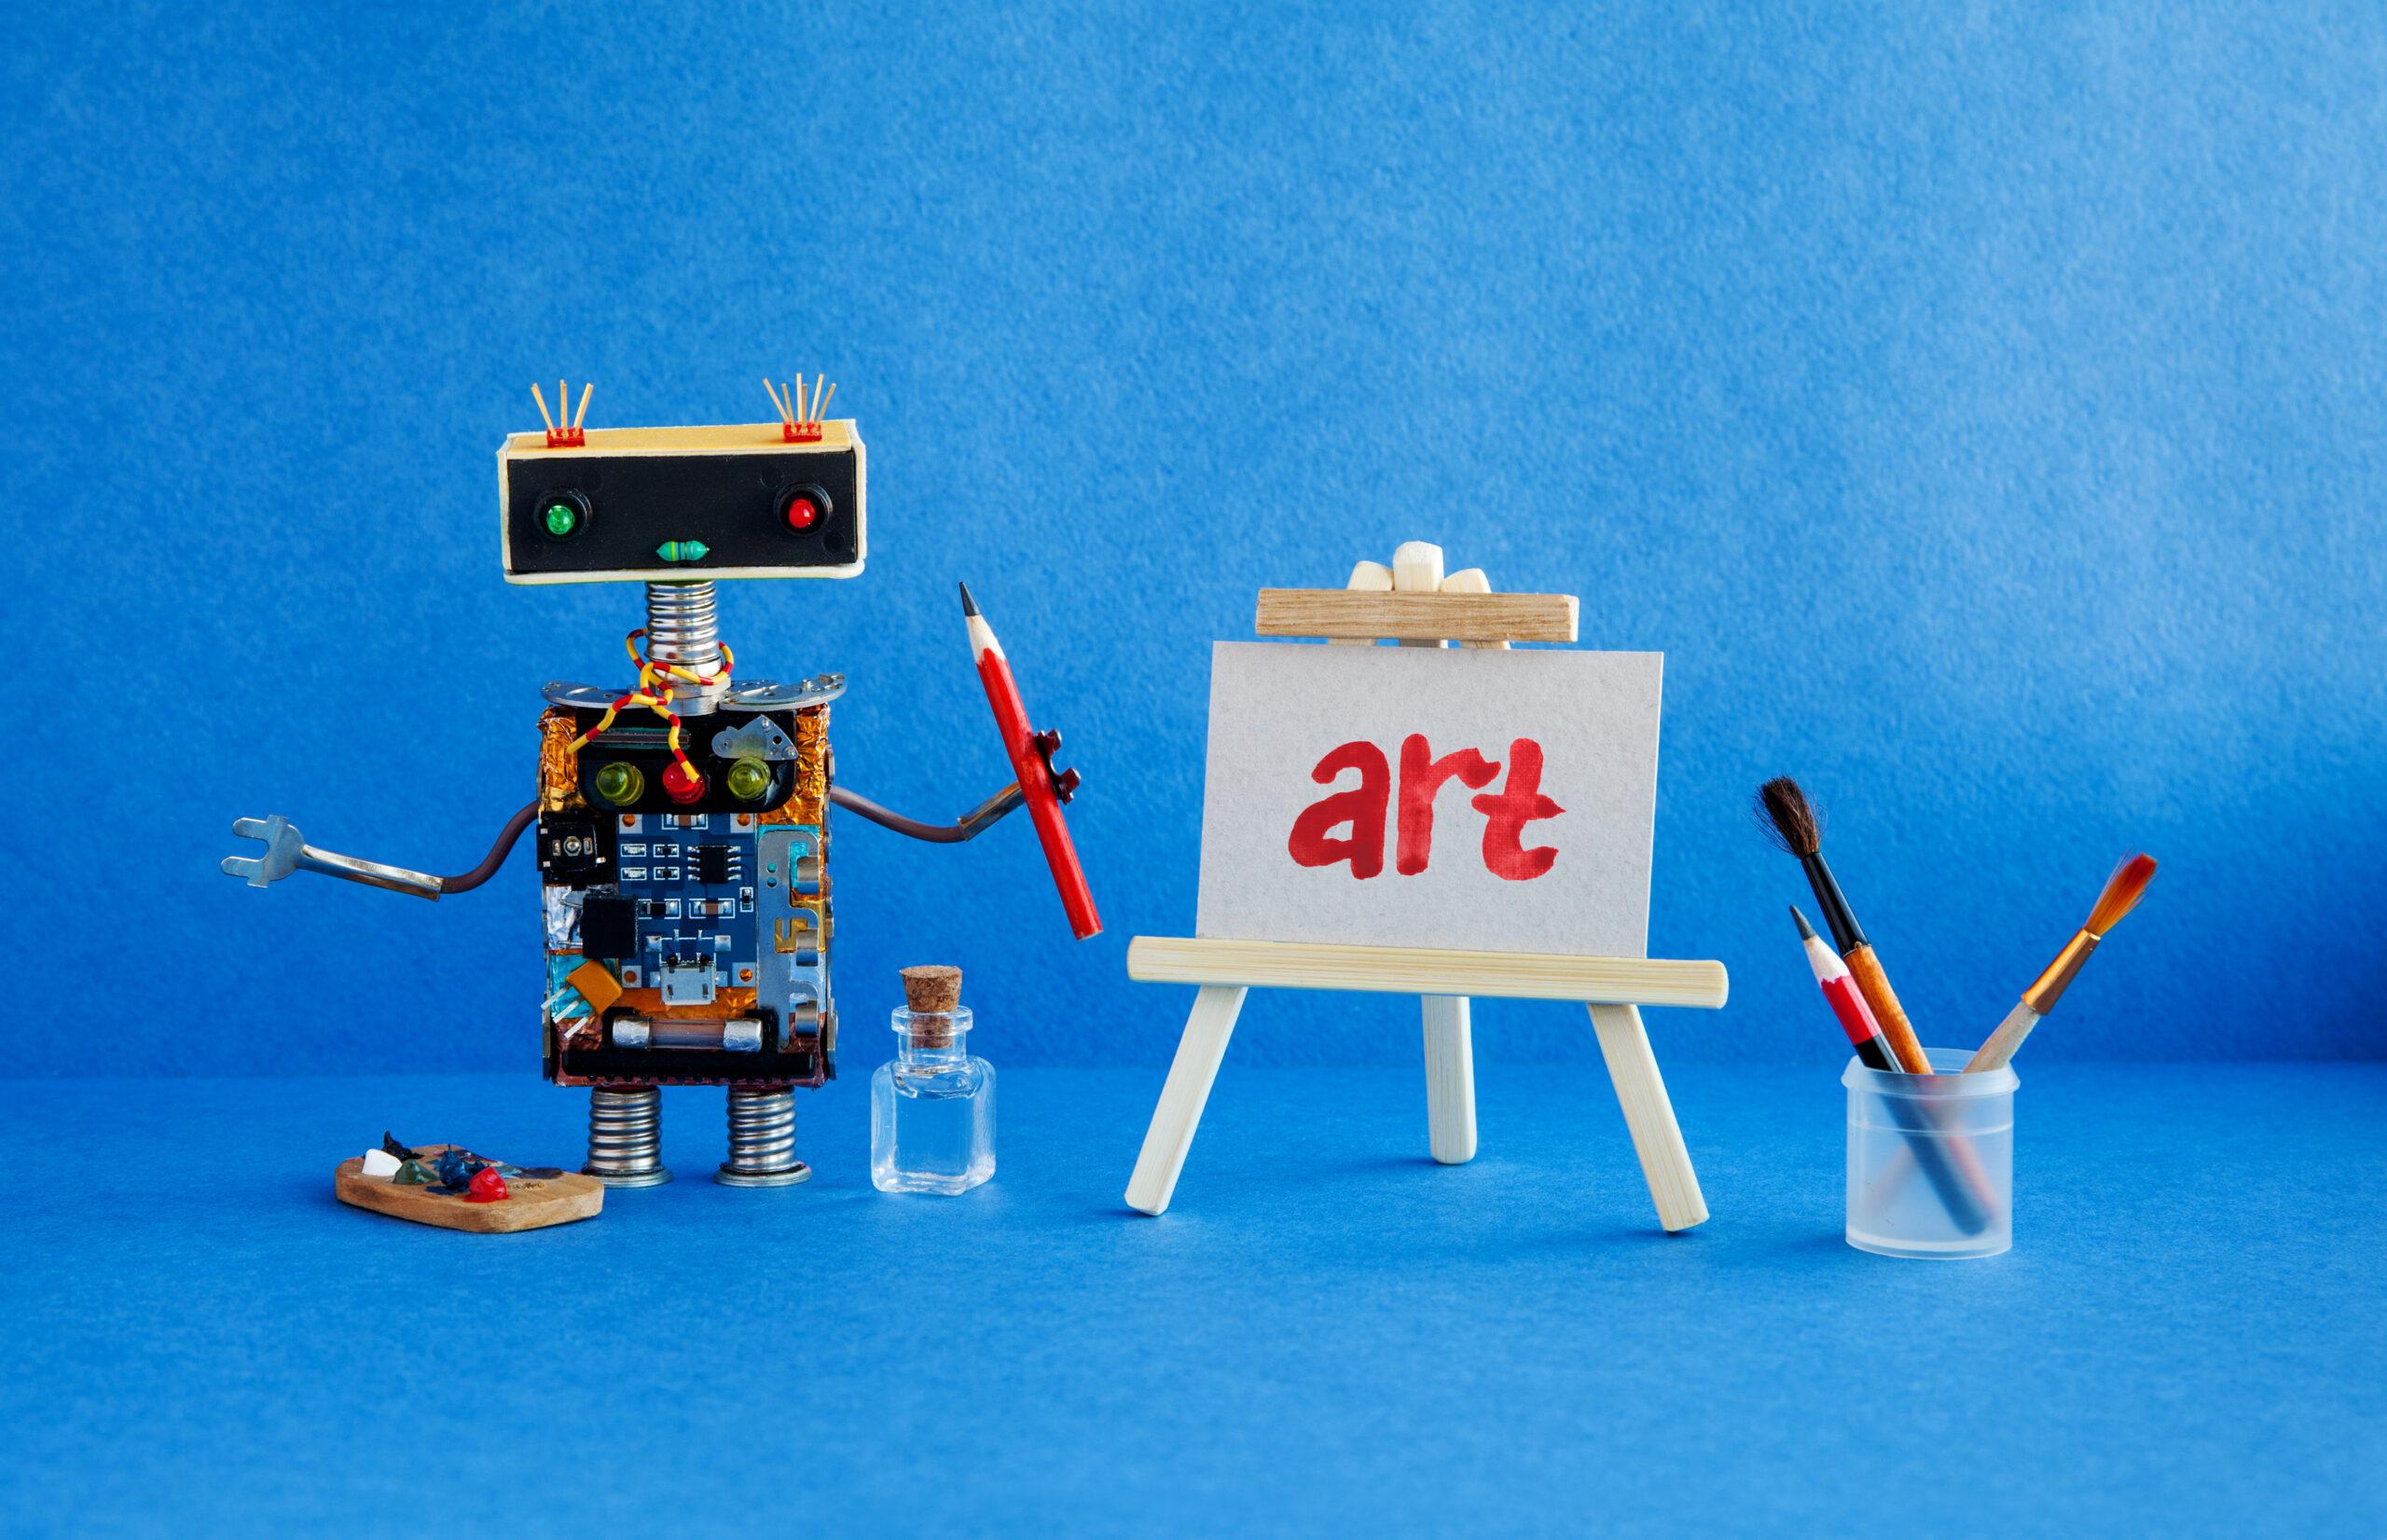 La creatividad, la habilidad que se impone frente a la inteligencia artificial